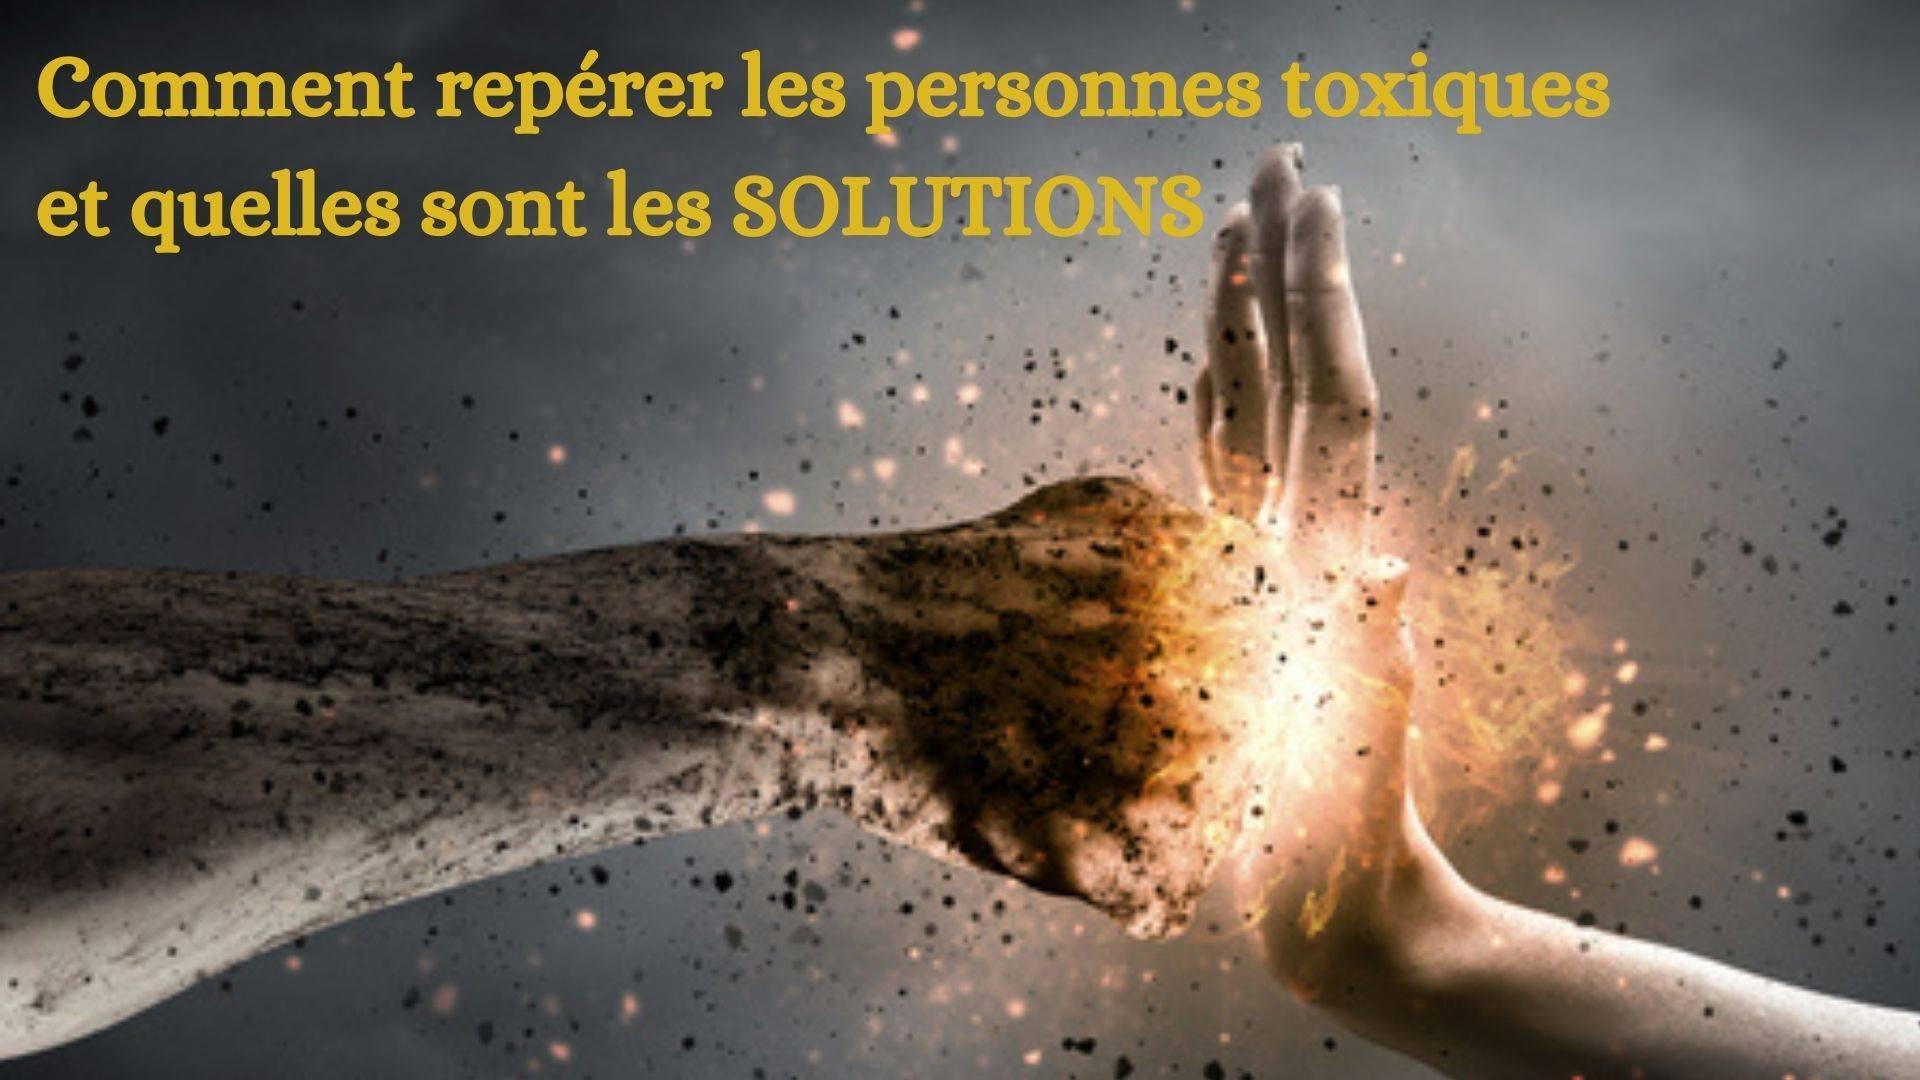 Comment repérer les personnes toxiques et résoudre la situation ?